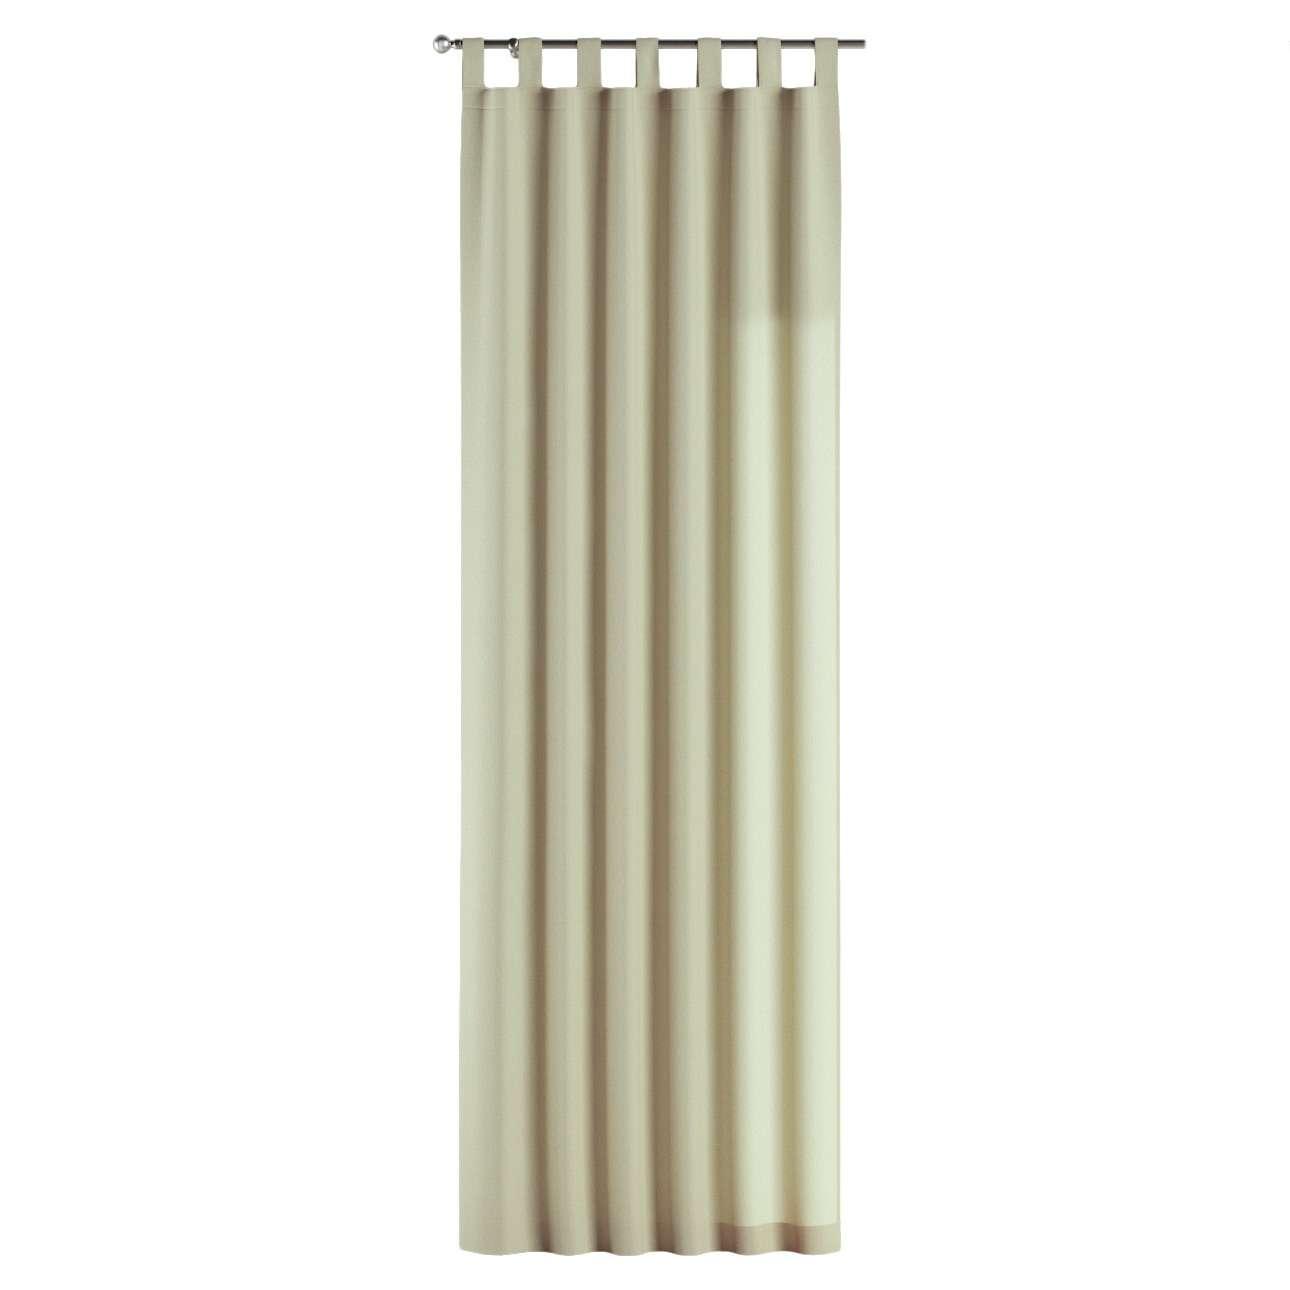 Gardin med stropper 130 x 260 cm fra kollektionen Chenille, Stof: 702-22